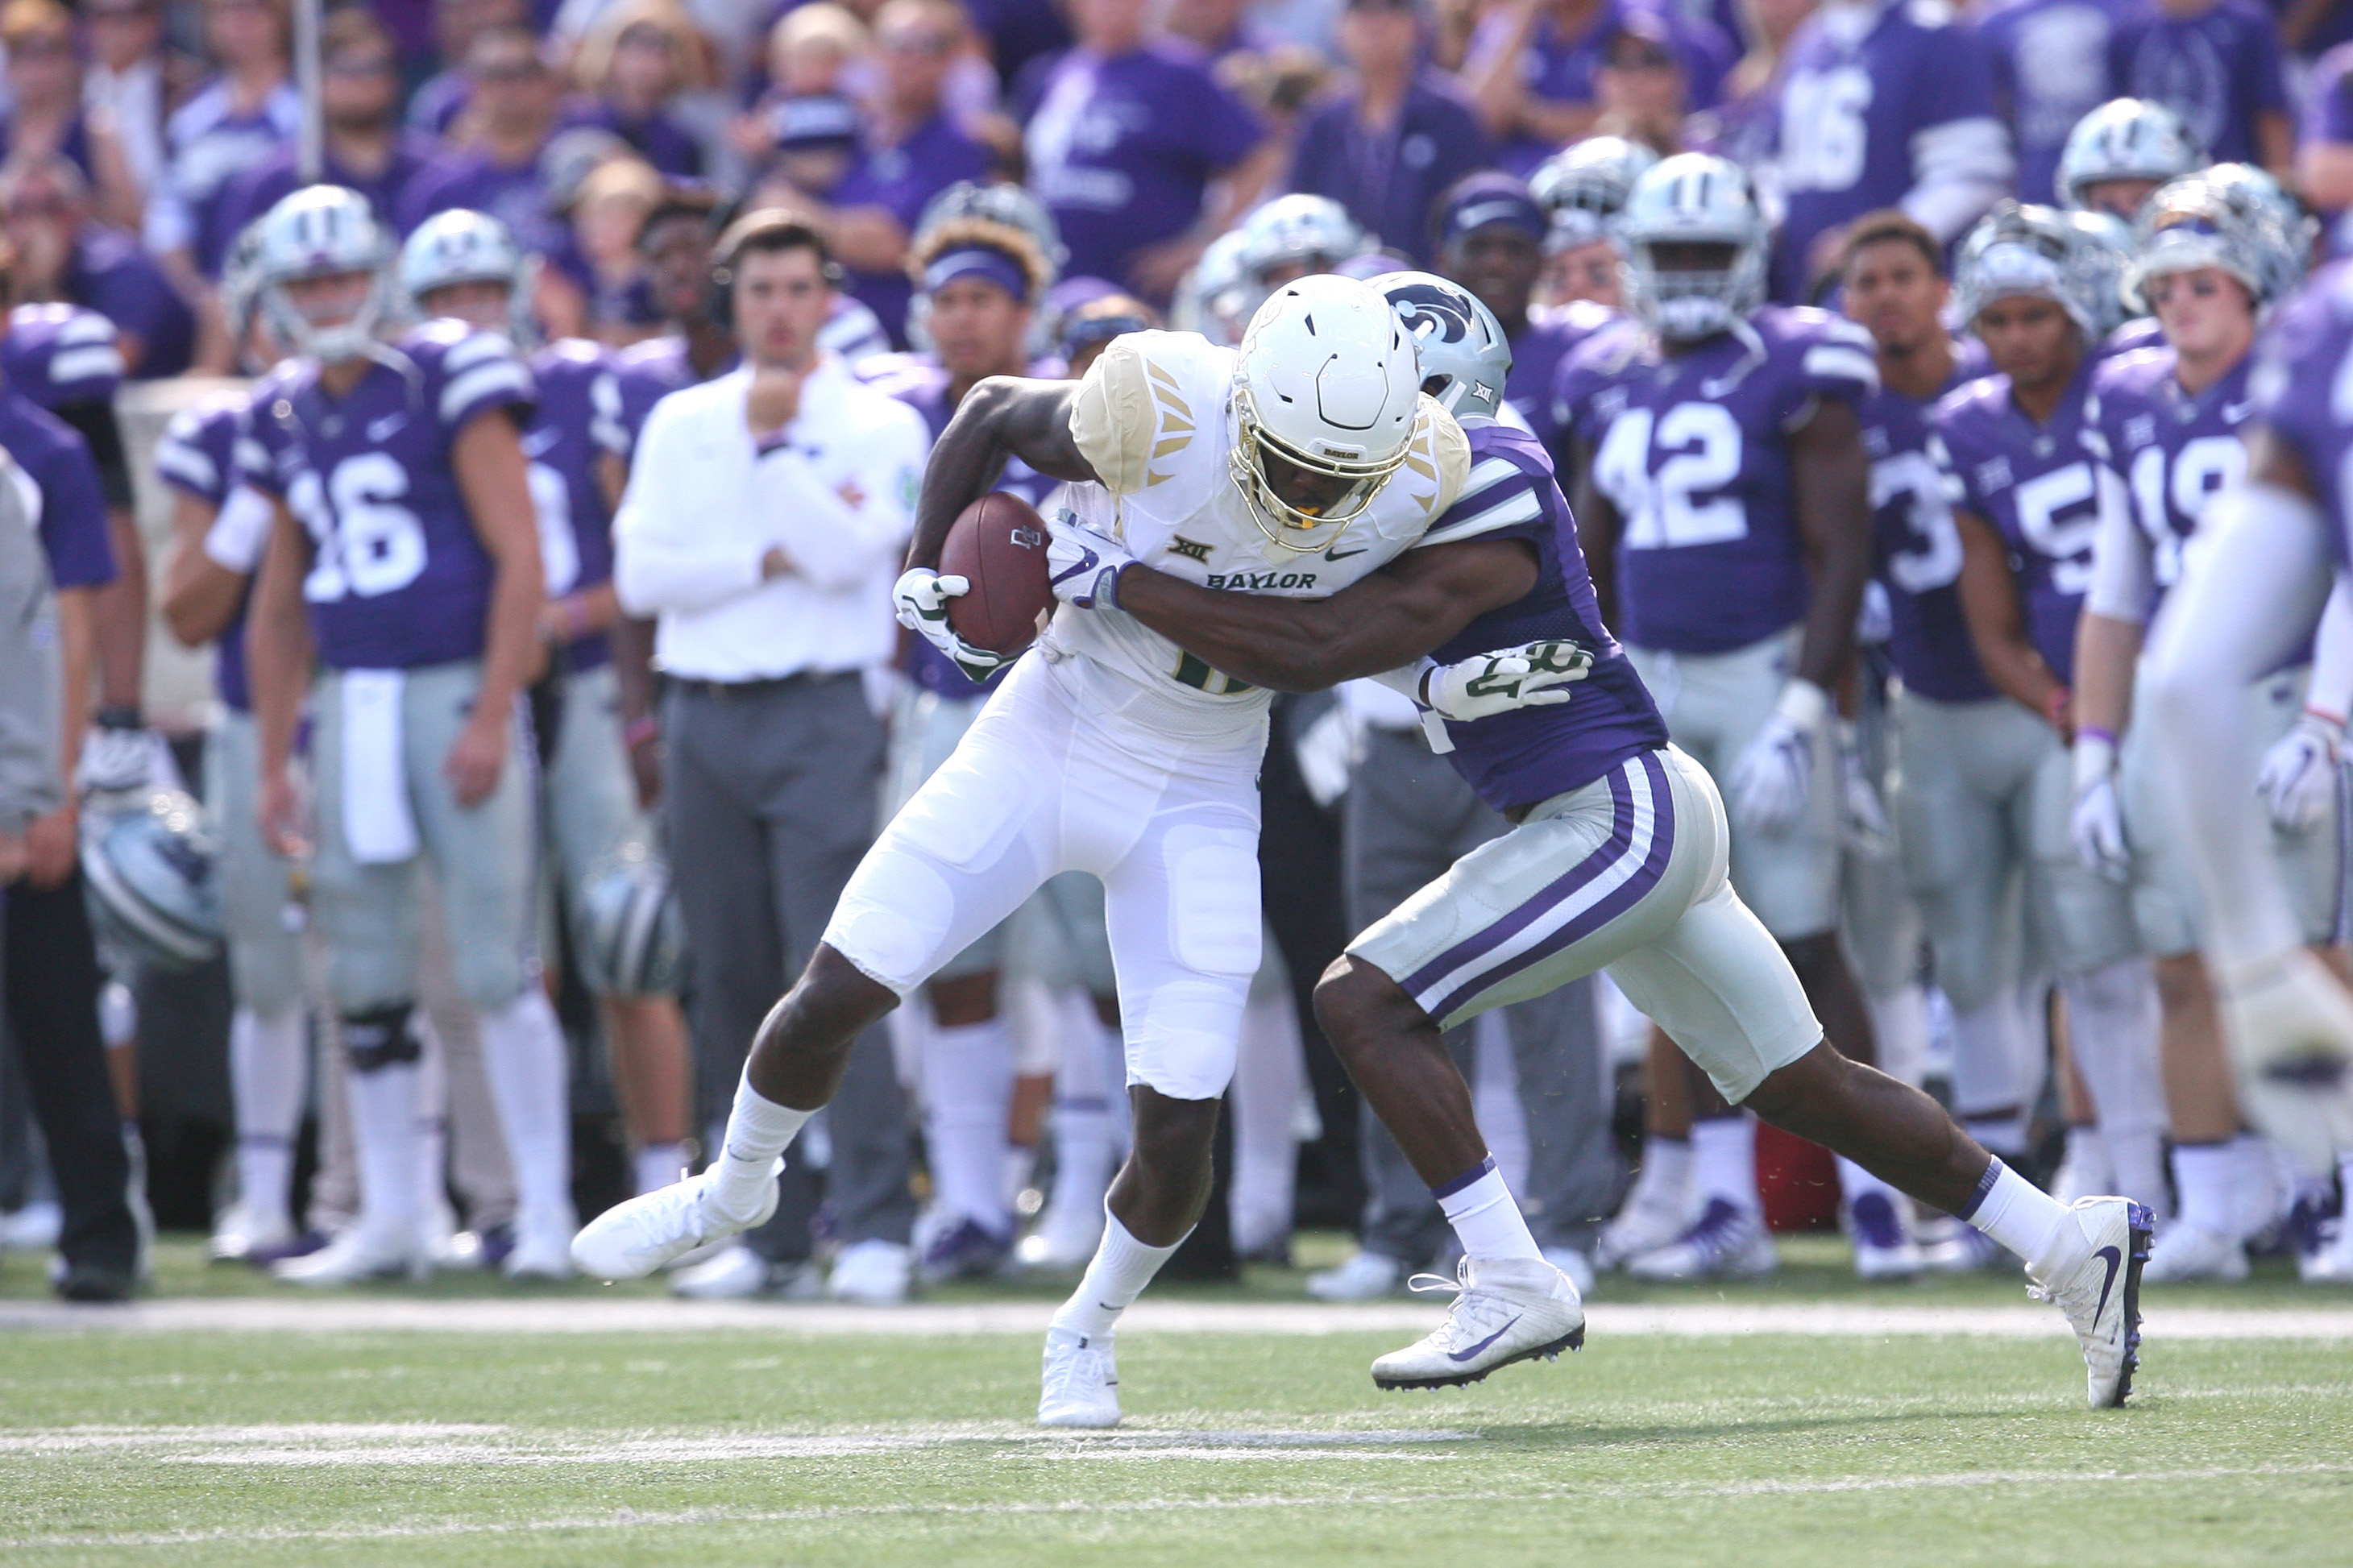 NCAA Football: Baylor at Kansas State